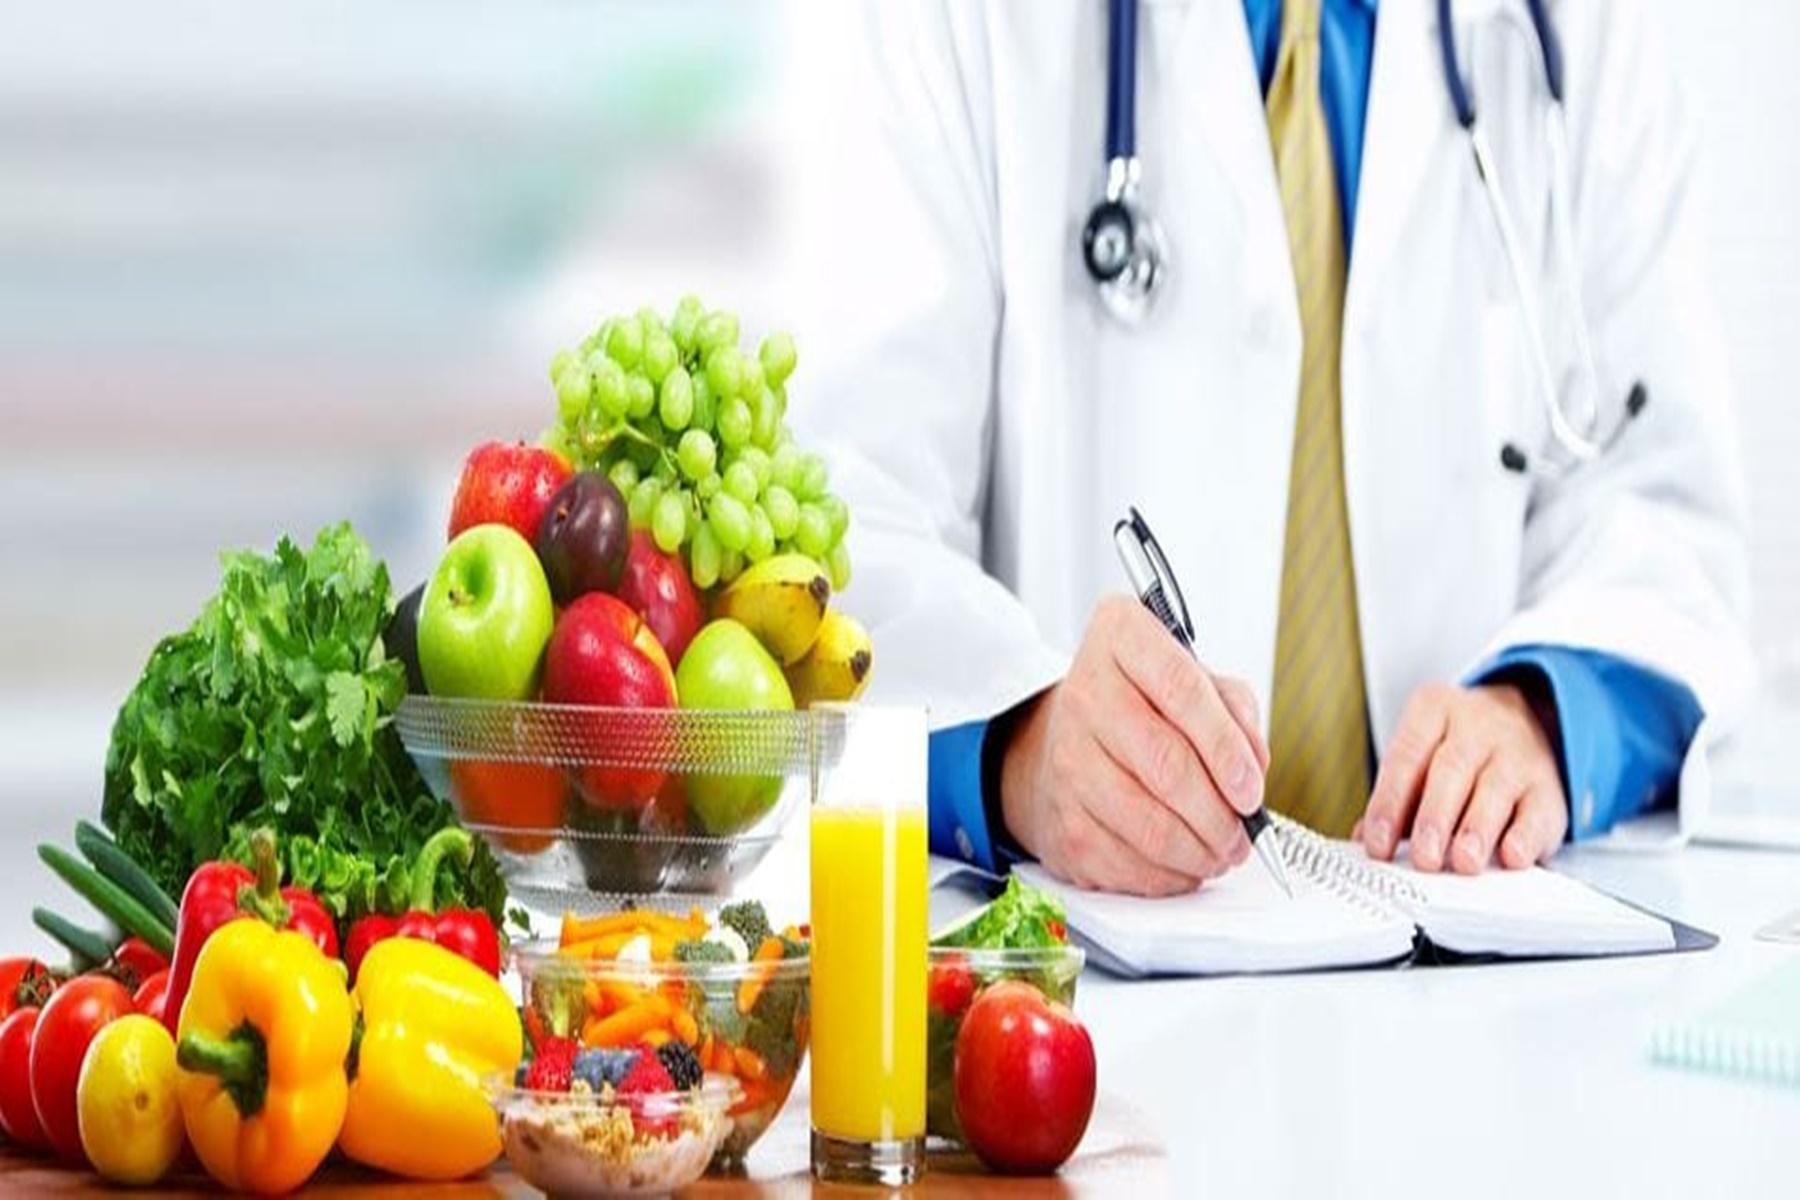 Διατροφή : Συμβουλές για να την κάνετε πιο υγιεινή